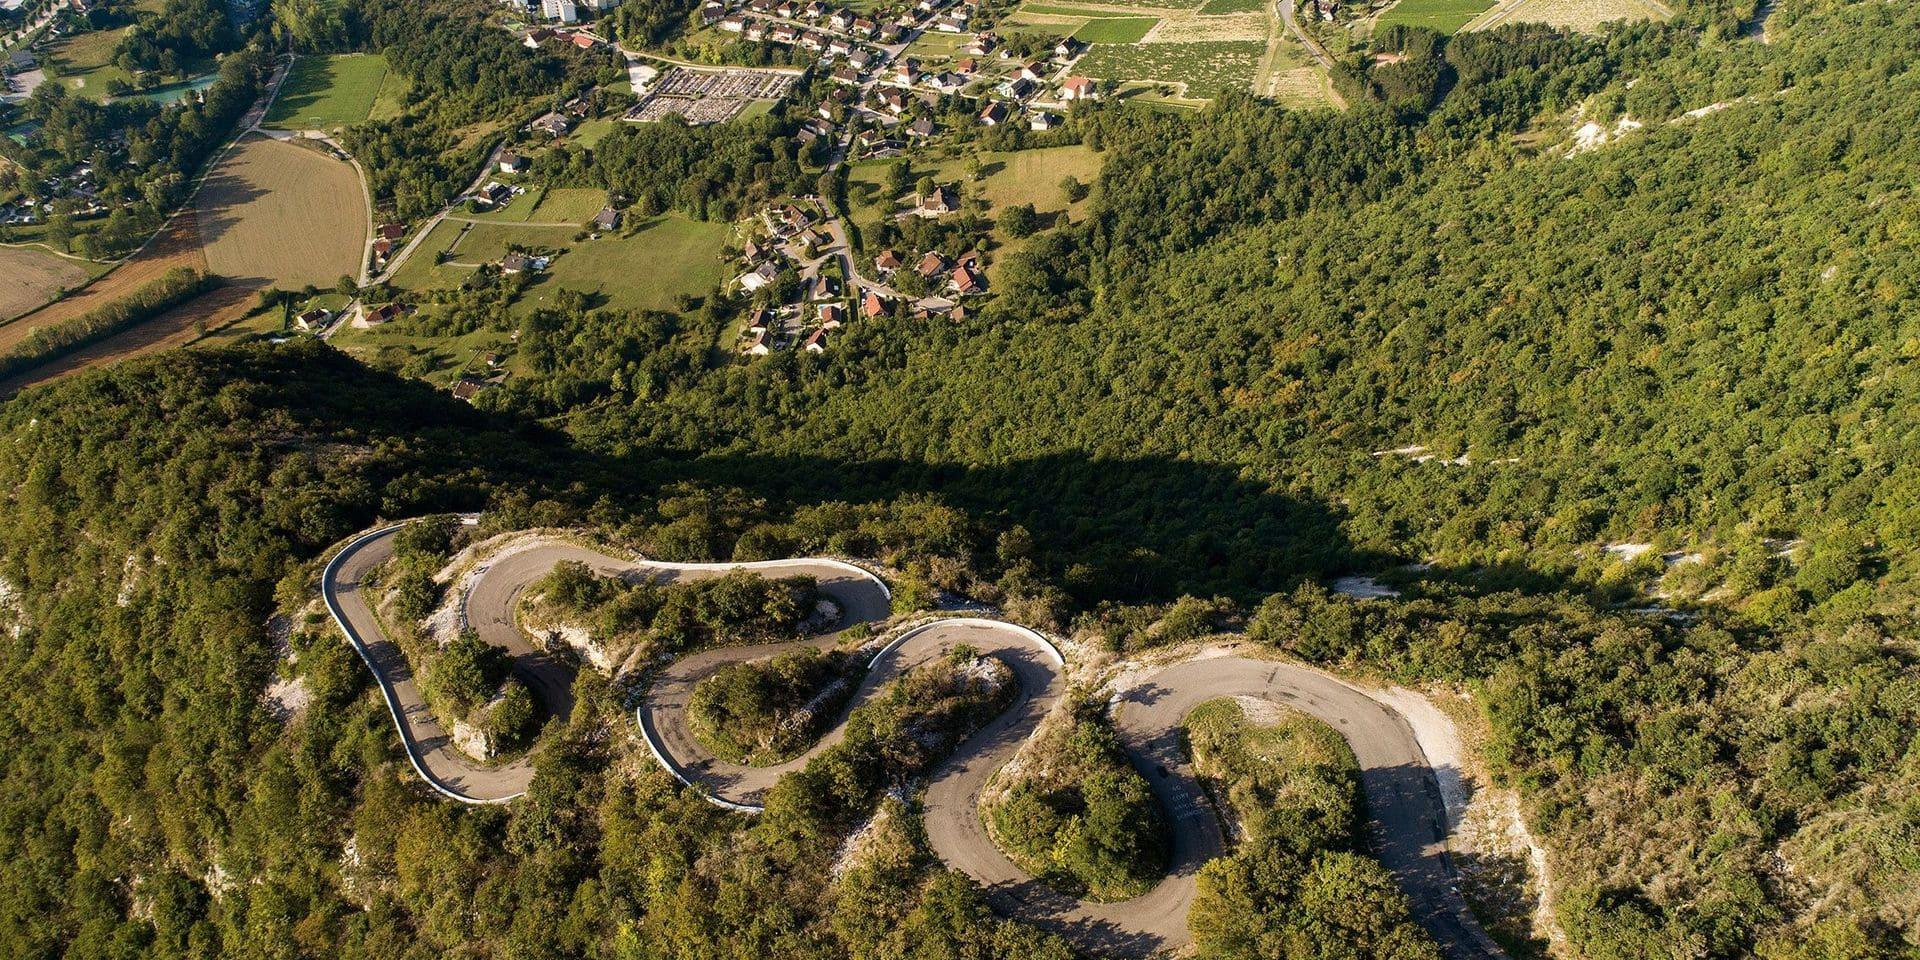 Le Grand Colombier, une épreuve de choix pour cette 15e étape du Tour de France